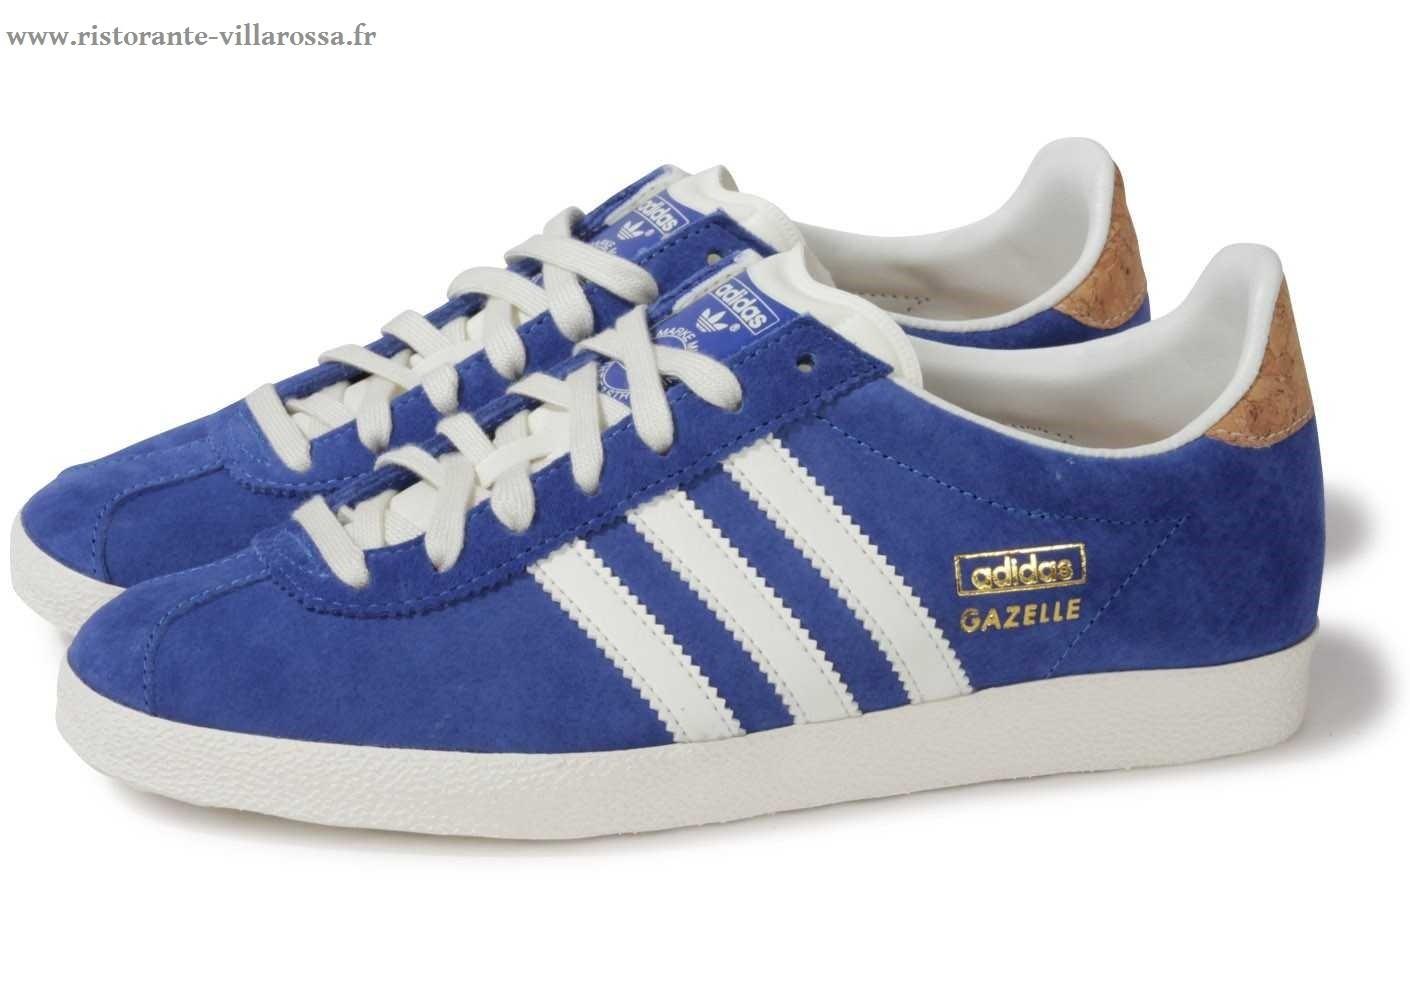 basket adidas bleu gazelle femme